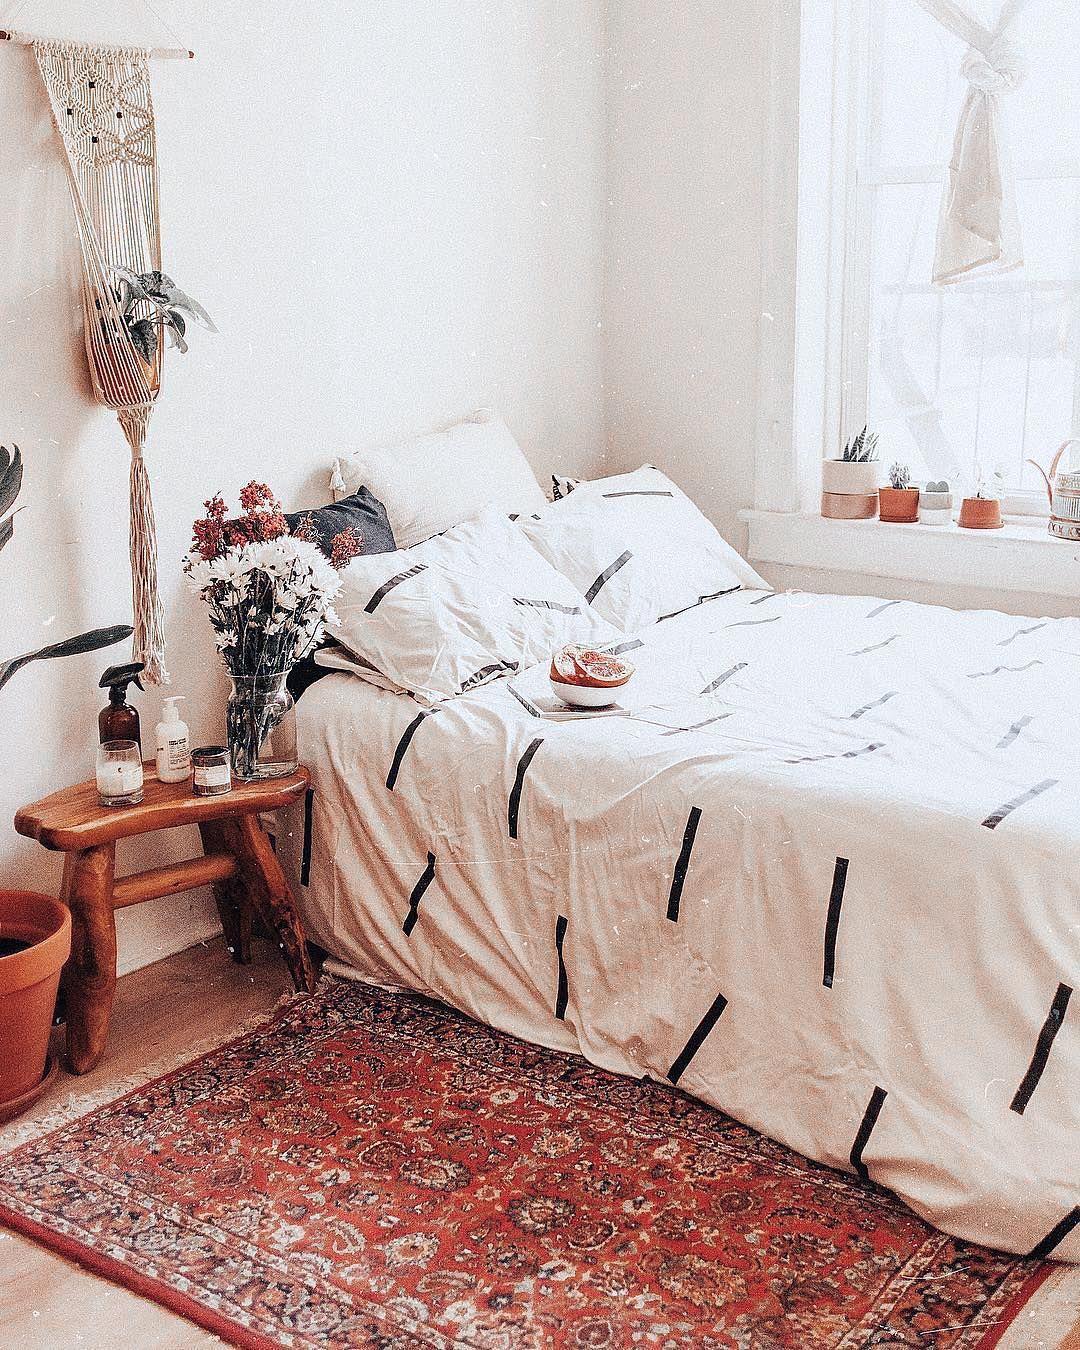 G I V E A W Y Oh Sheet Are You Ready For The Comfiest Coziest Giveaway Ever Luxury Bed Linen Brand Brooklinen Is Giving Away